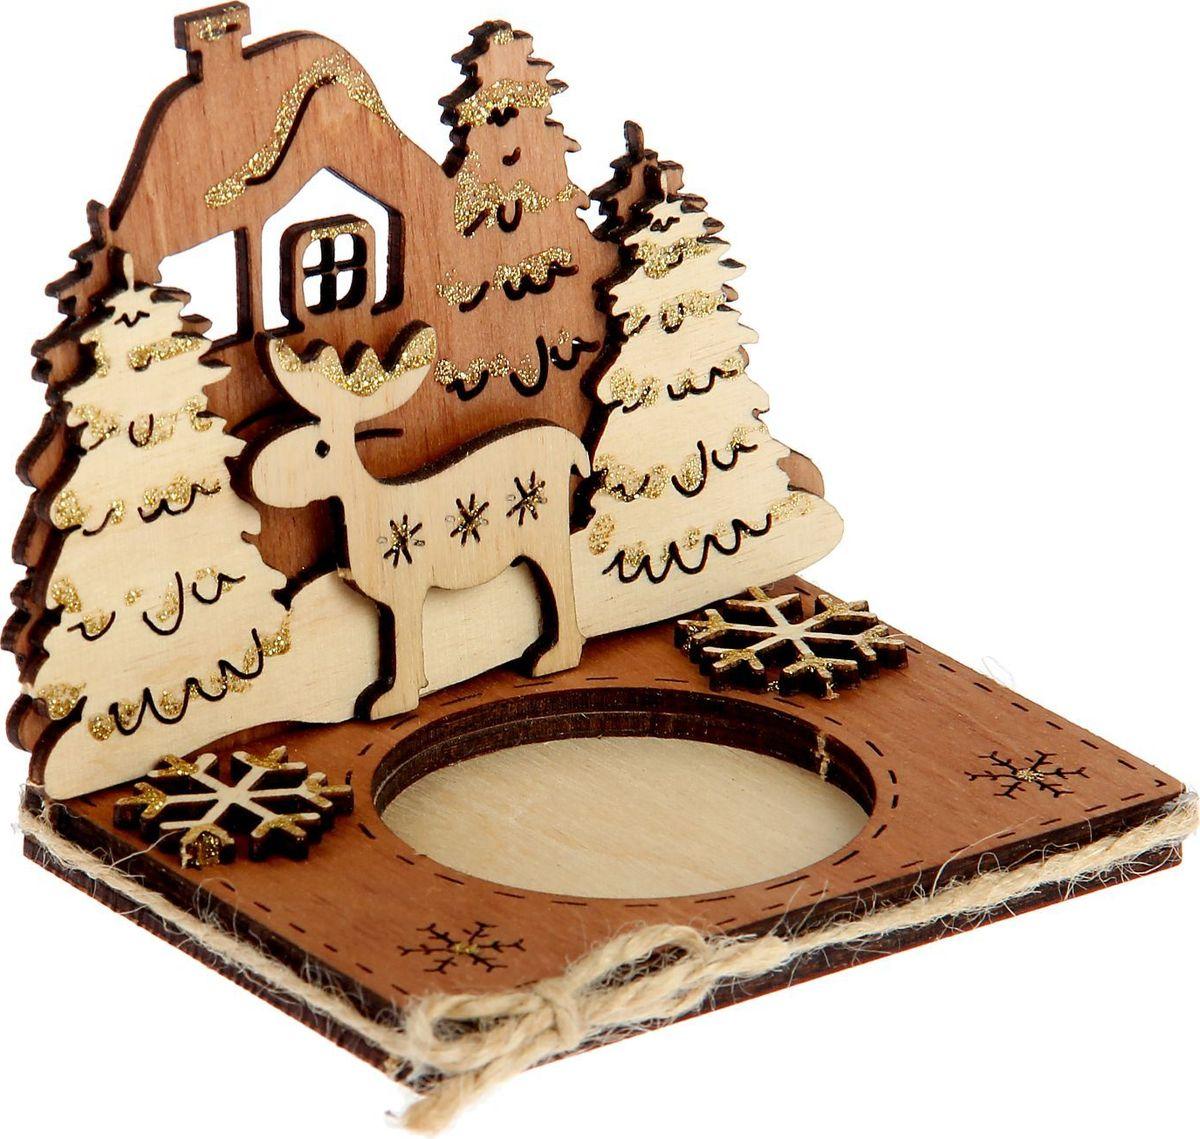 Подсвечник Sima-land С оленем, фанера, 10 х 10 х 0,3 см1530122Изысканный деревянный подсвечник станет отличным украшением любого интерьера, будет радовать вас и ваших близких каждый вечер. Такой деревянный аксессуар отлично смотрится на журнальном столике или на полочке с книгами, обращает на себя внимание своим волшебным зимним оформлением!